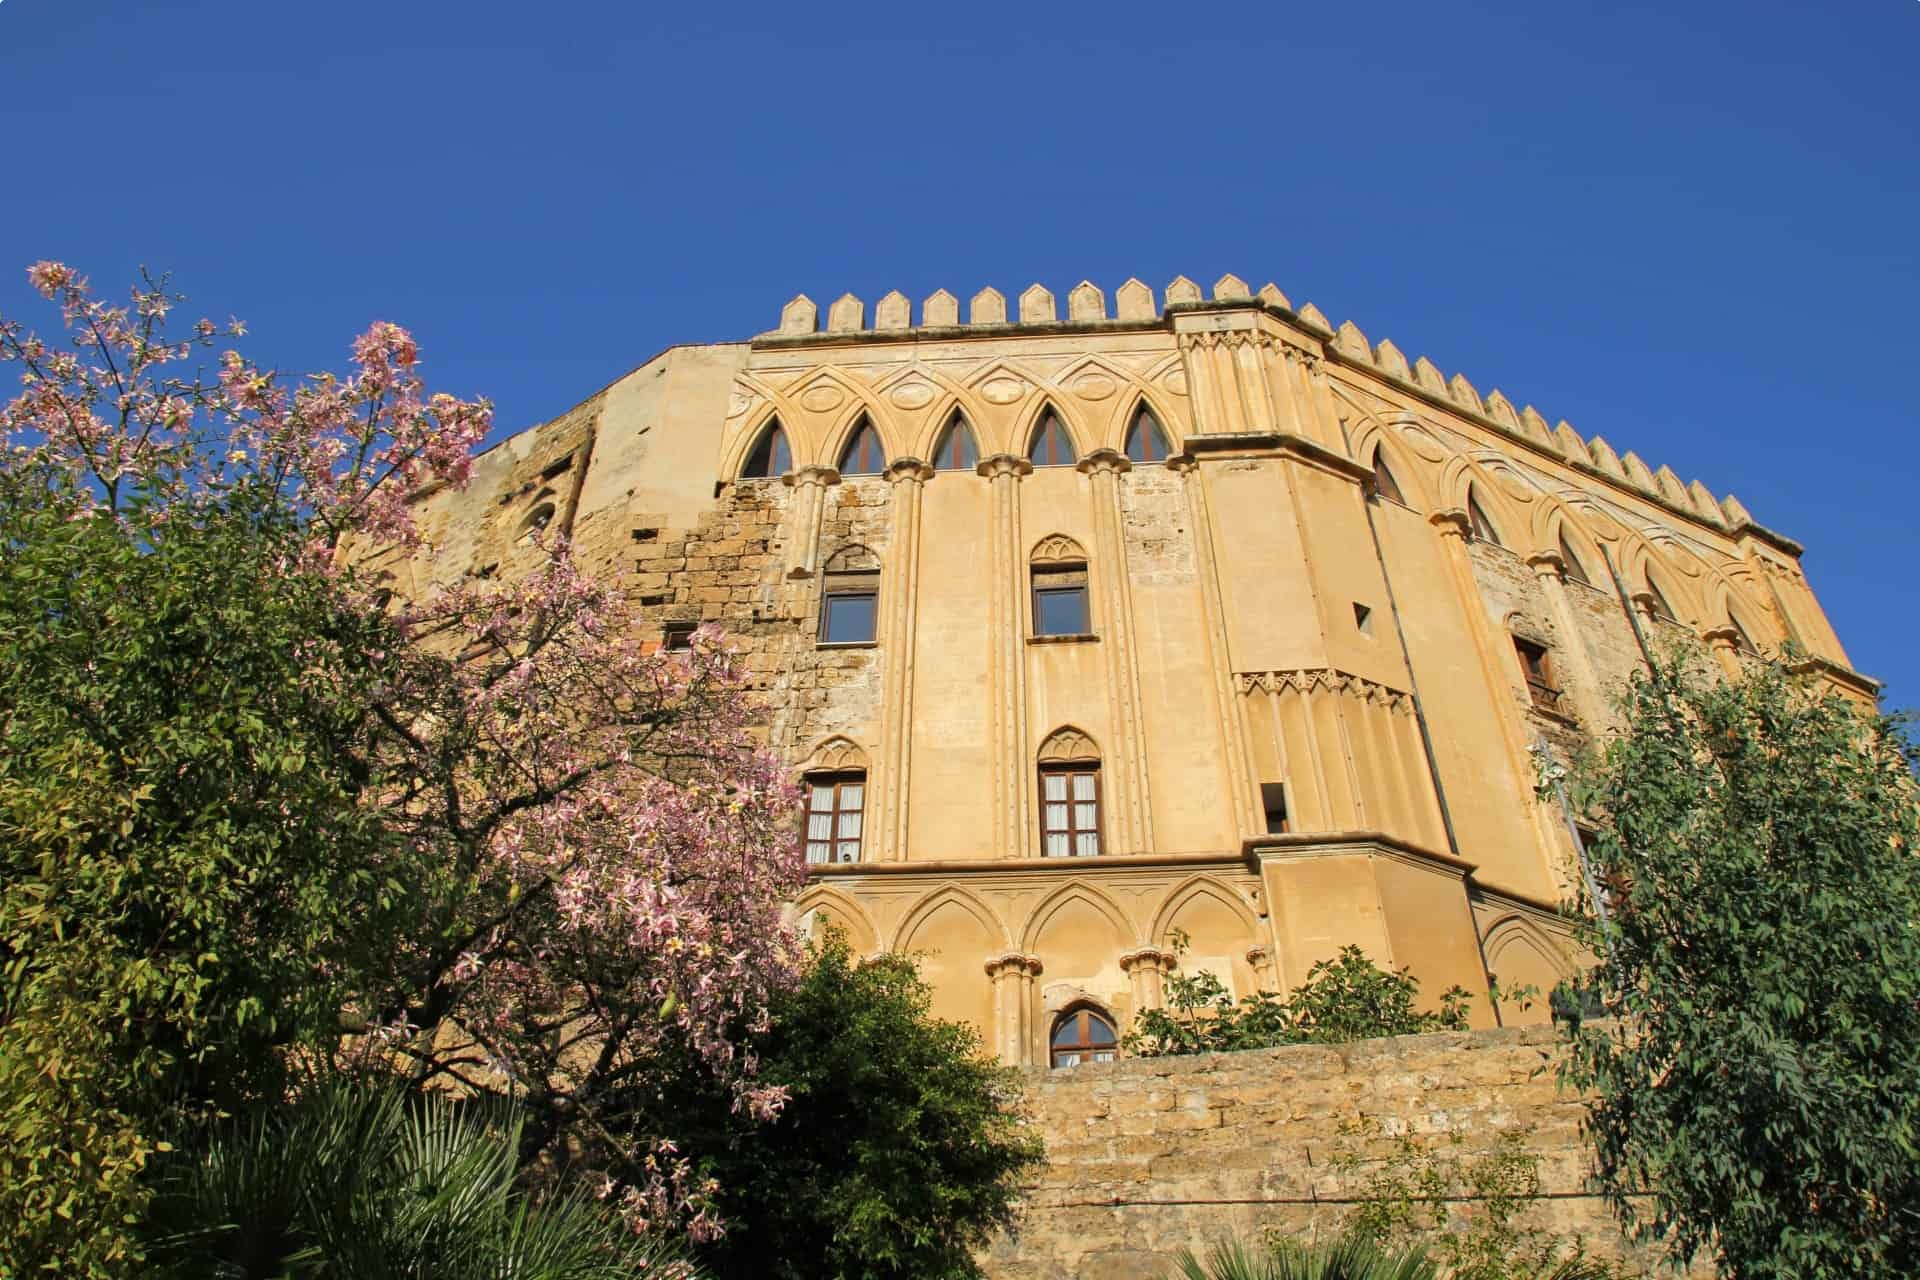 Palazzo dei Normanii in Palermo, Sicily